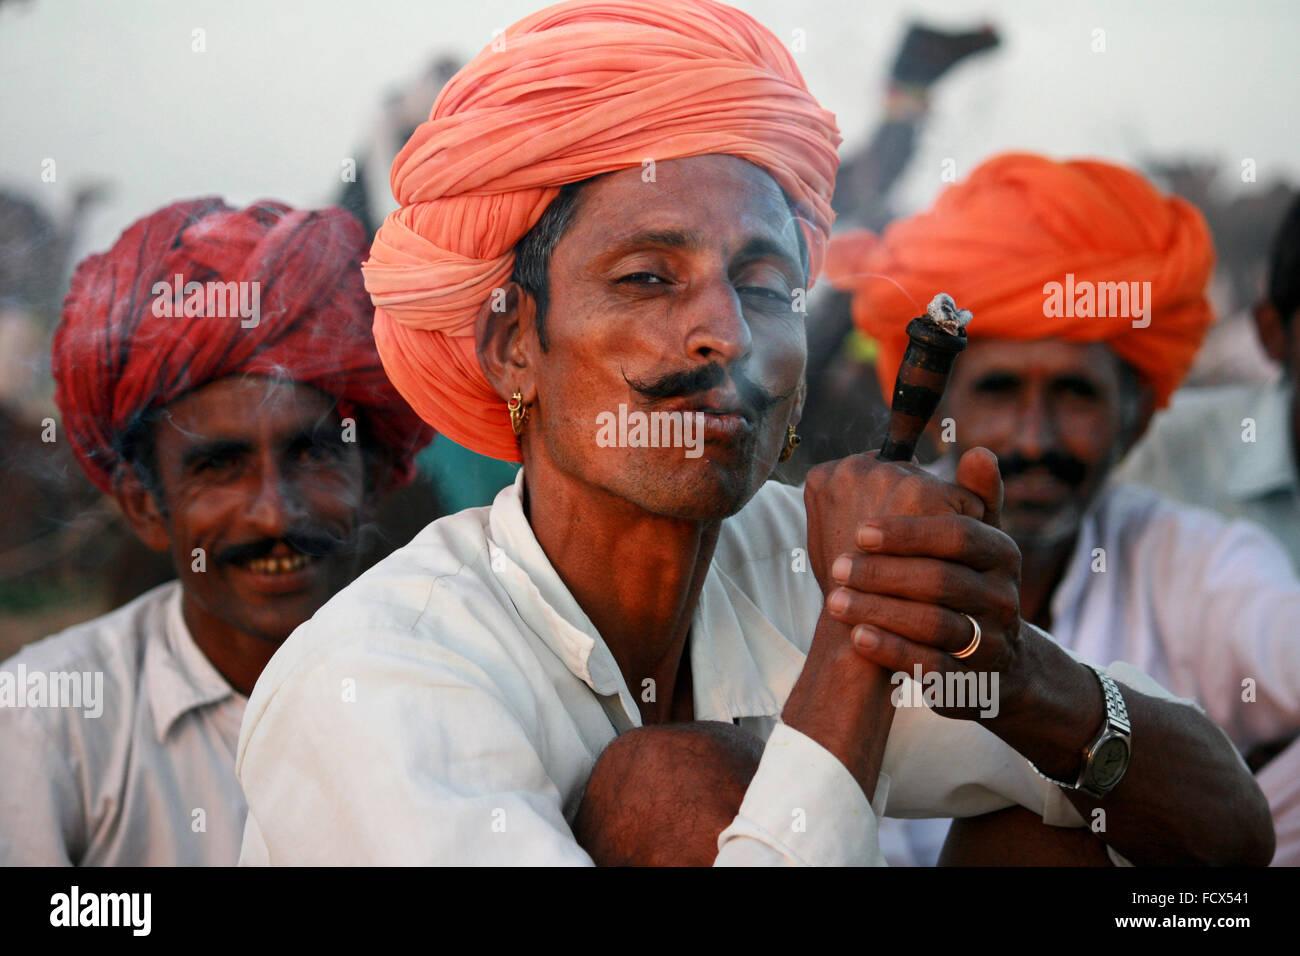 Rajasthani camel drivers smoking chillum, with orange turban , in Pushkar, rajasthan - Stock Image